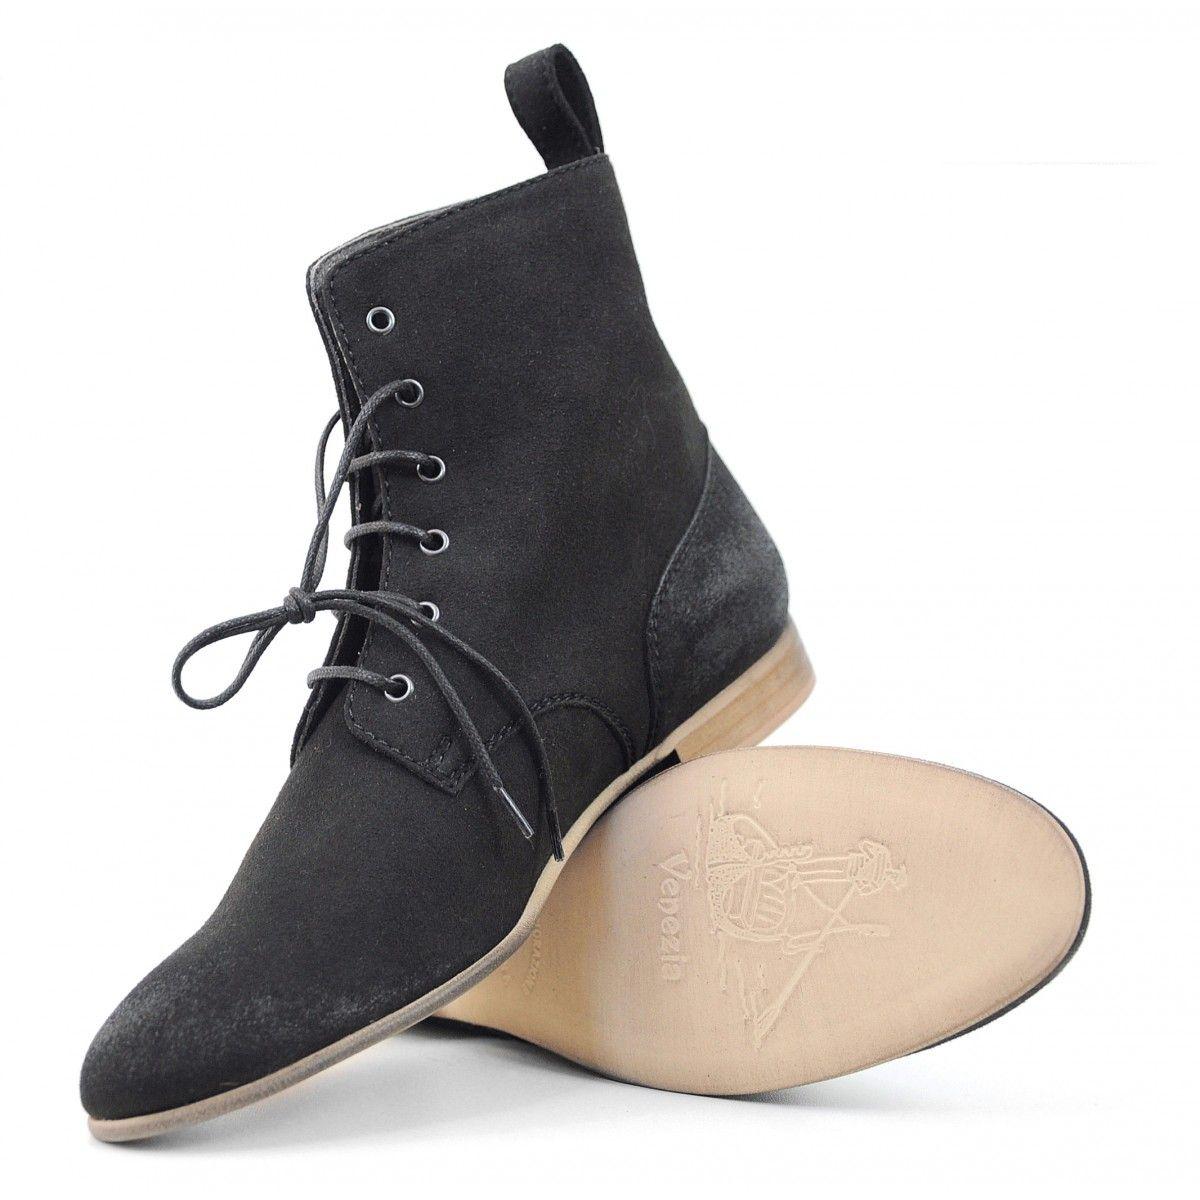 DamenNoah Stiefelette Für Shoesamp; Boots Vegane rCQtxsdh